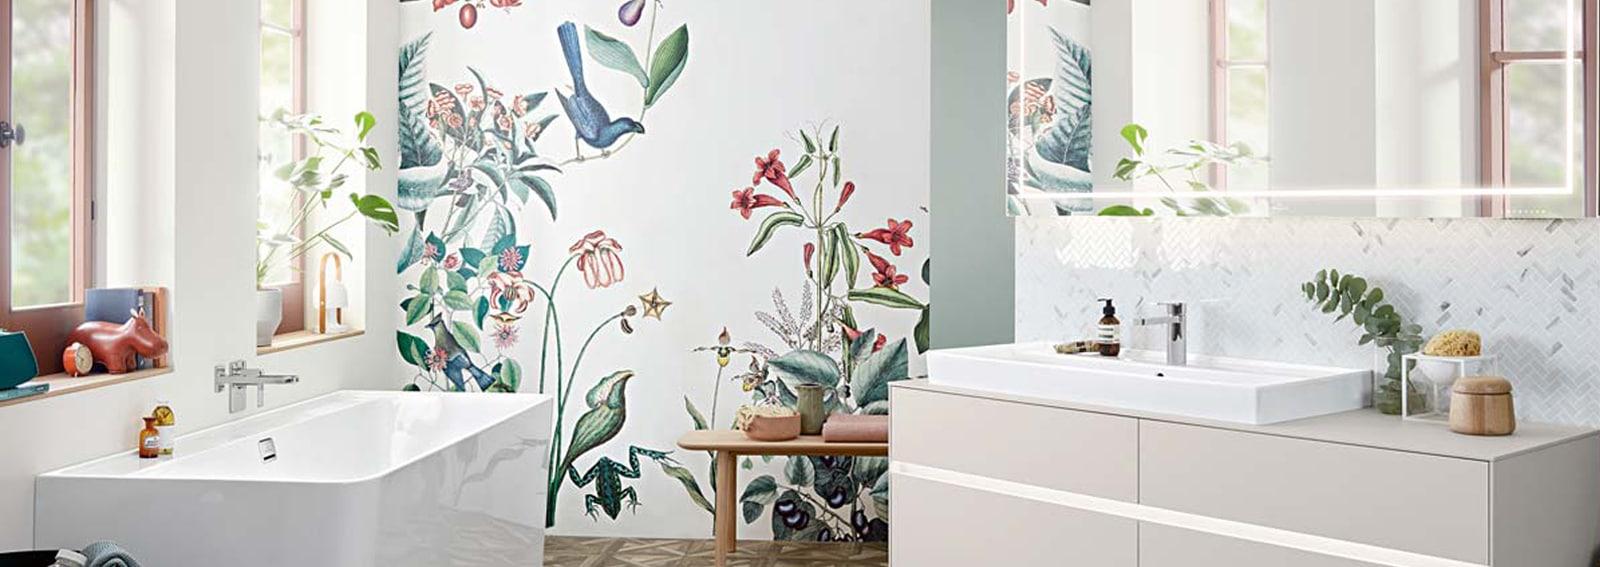 lavabo-appoggio-bagno-moderno-cover-desktop